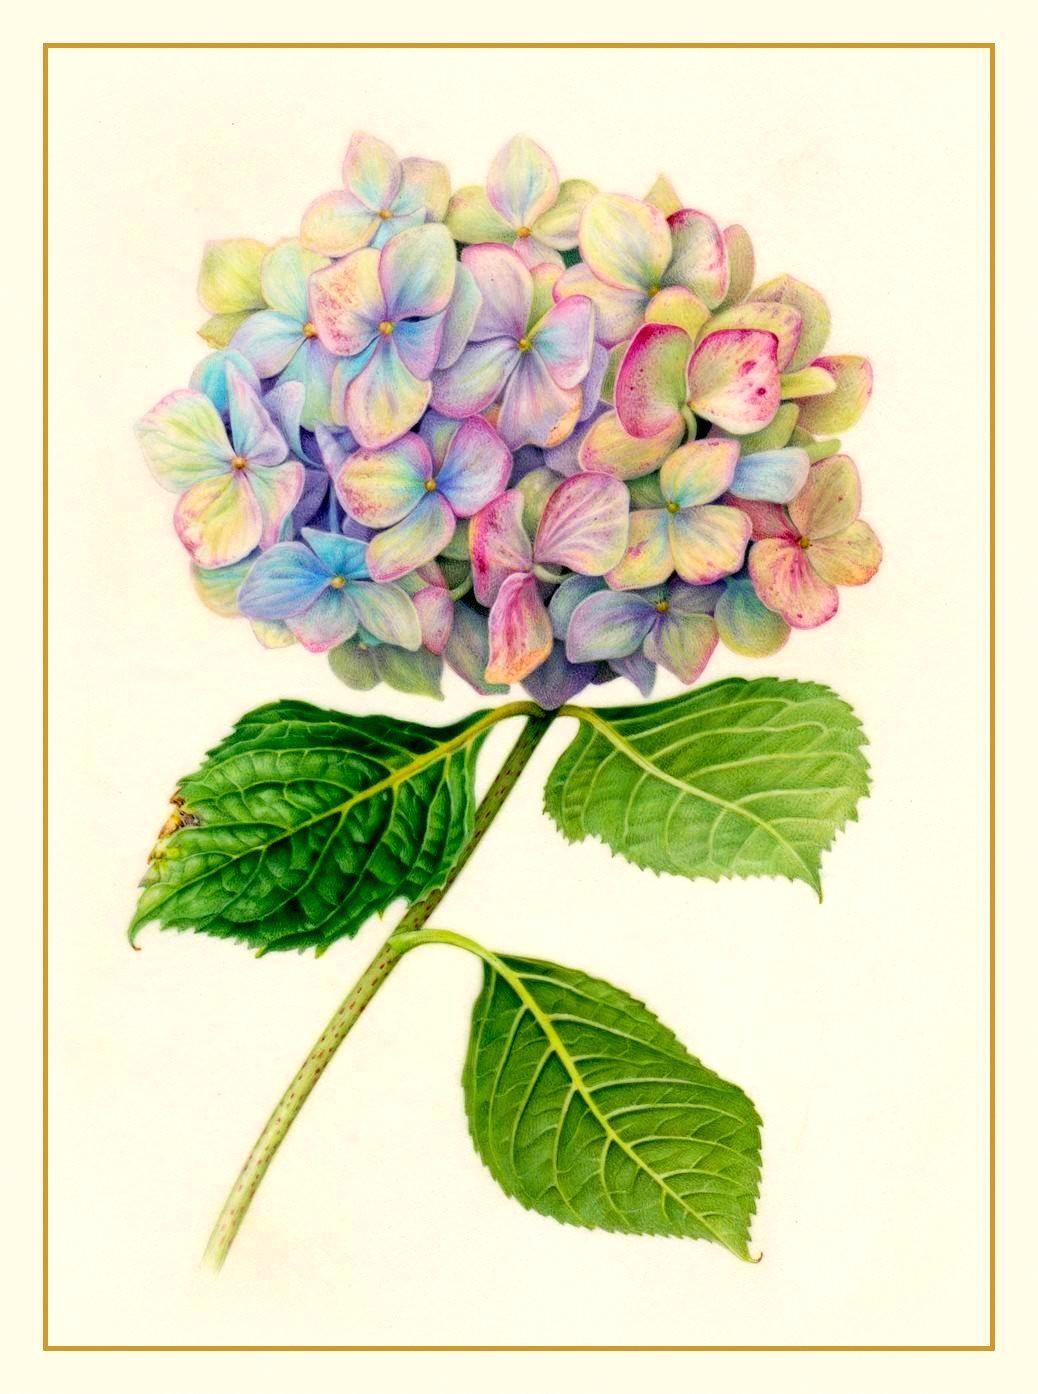 hydra hydrangea tattoo hydrangea flower flower water color painting flower watercolor hydrangea